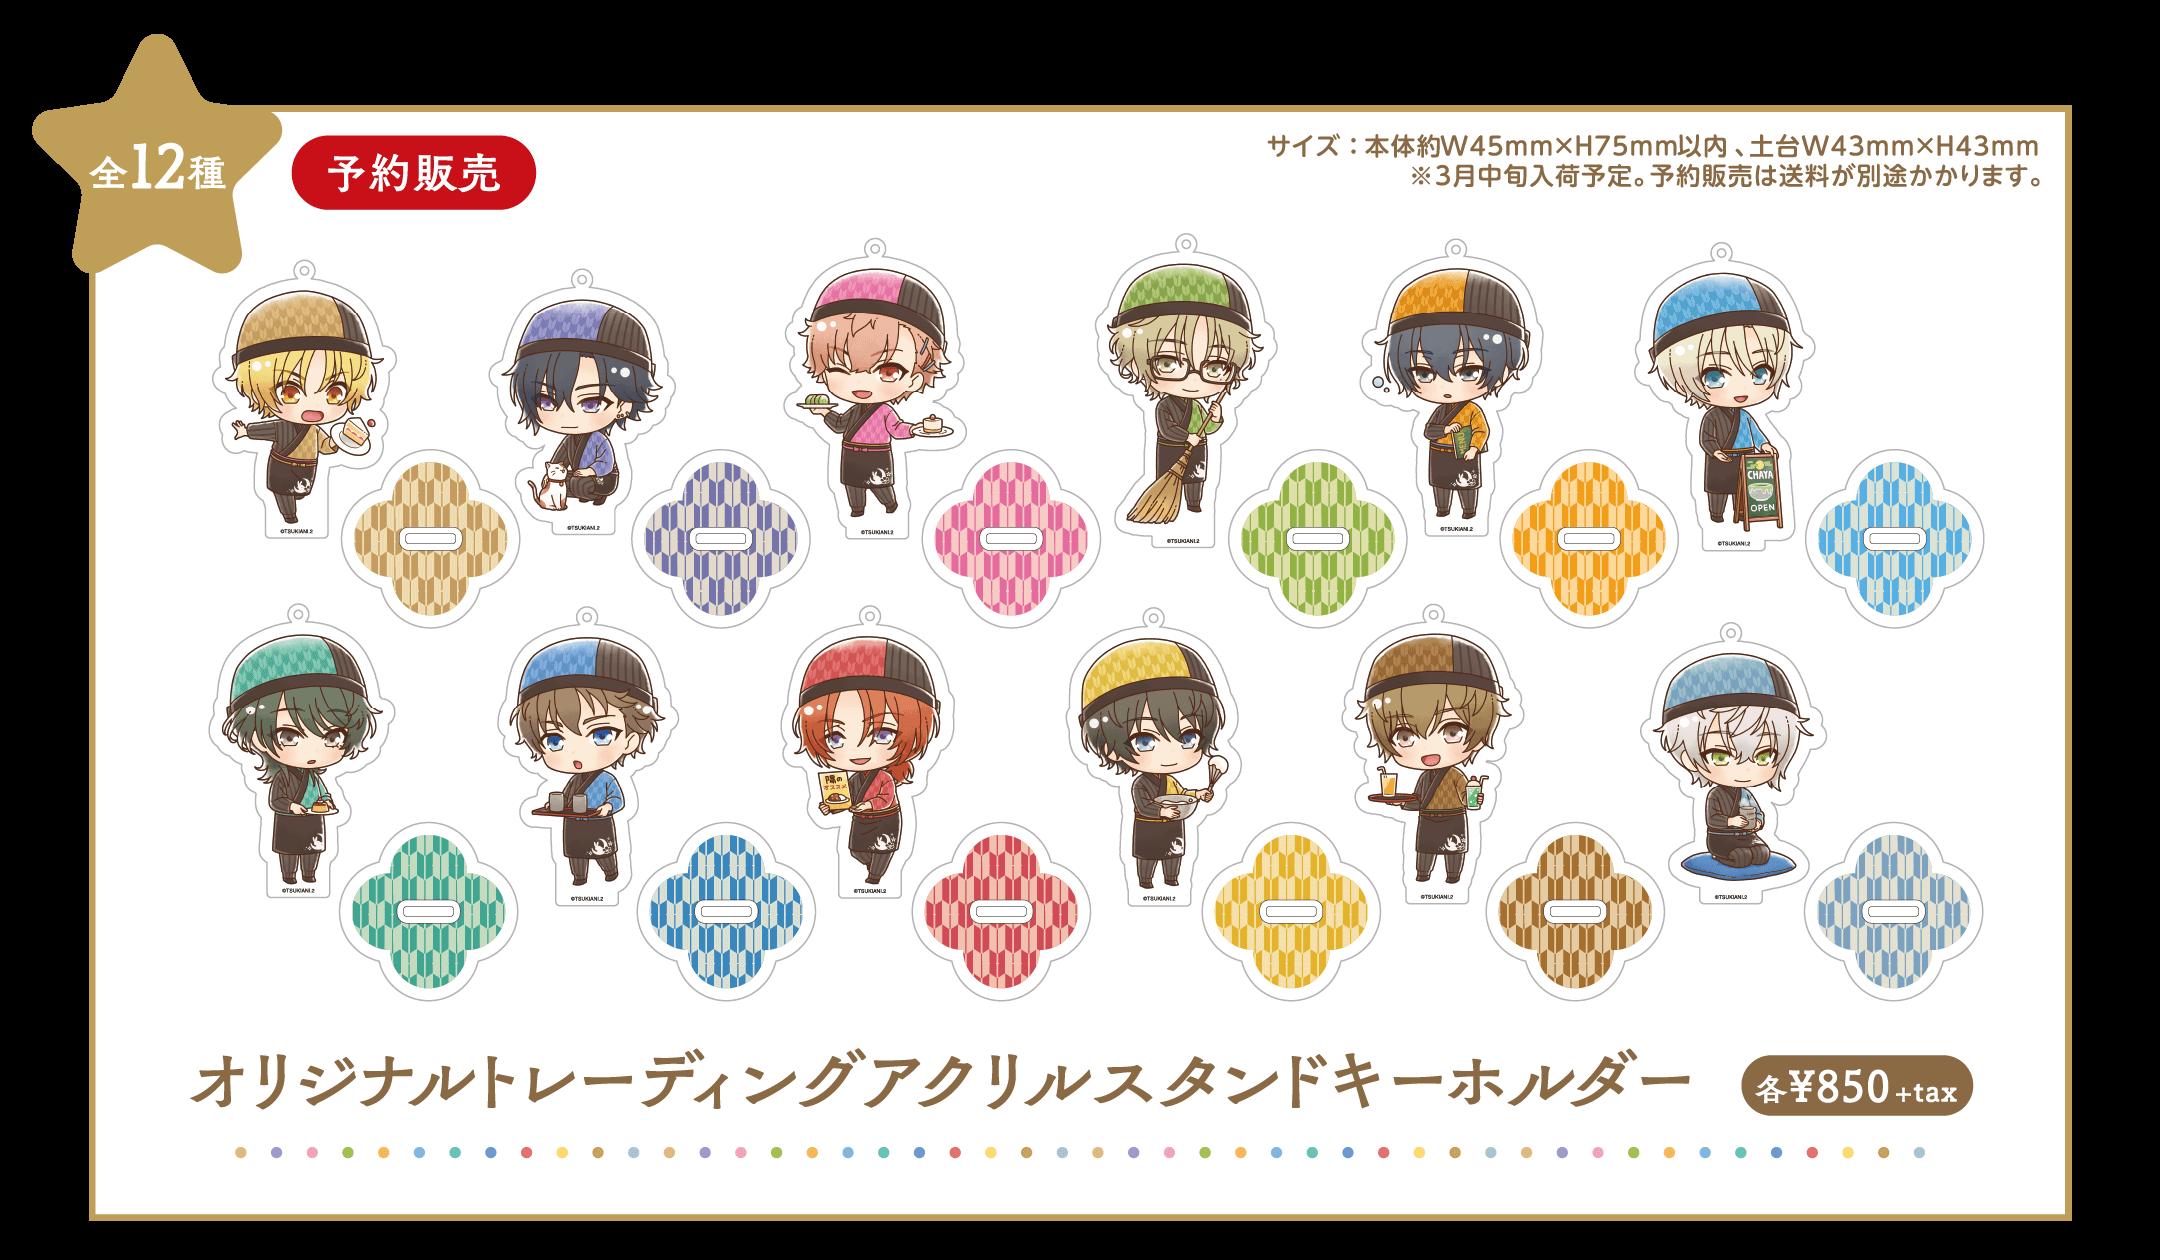 TVアニメ「ツキウタ。THE ANIMATION 2」×「アニぱらCAFE」オリジナルトレーディングアクリルスタンドキーホルダー